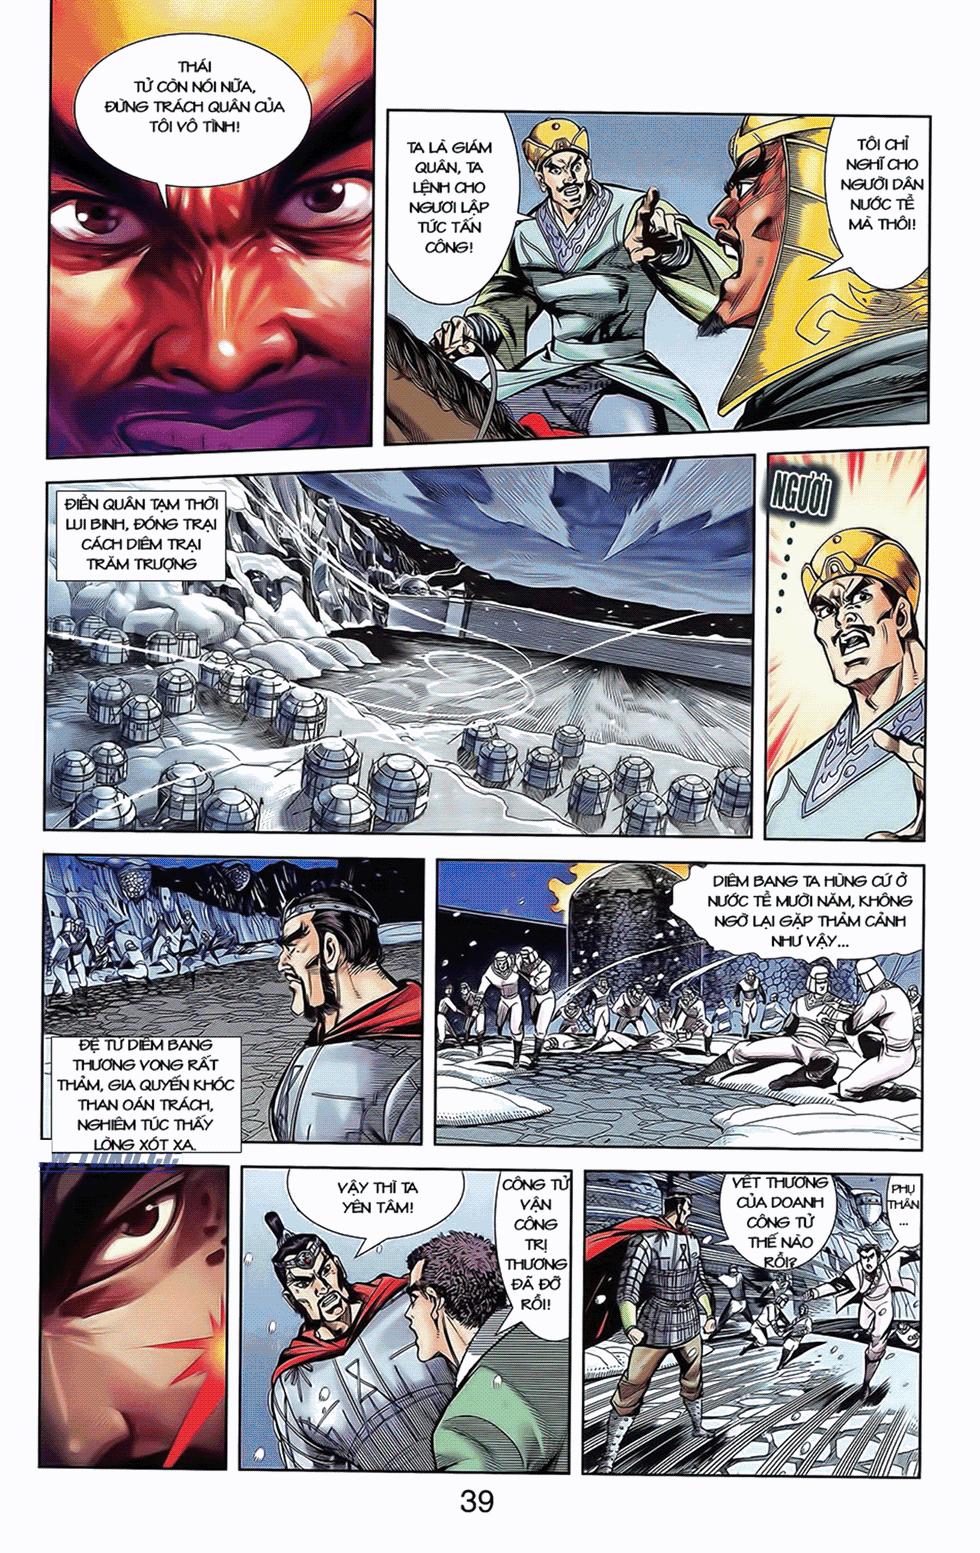 Tần Vương Doanh Chính chapter 10 trang 11